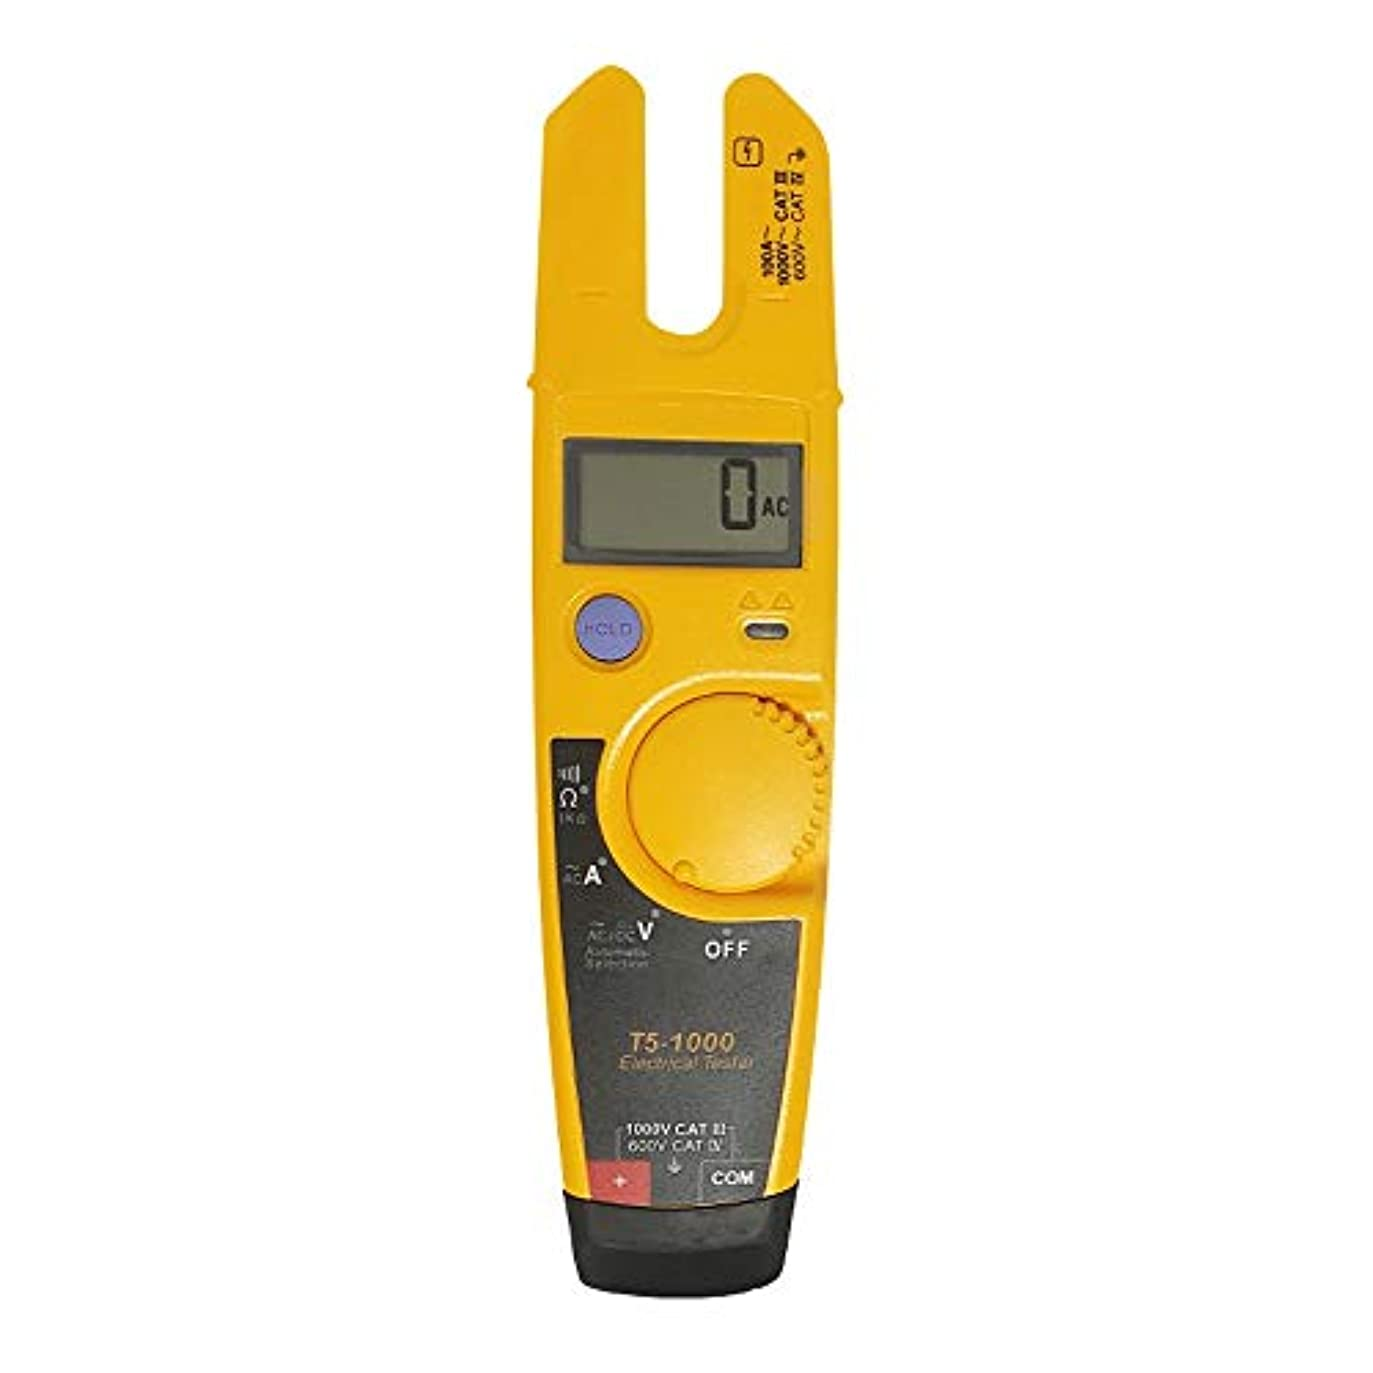 申請者論争アスリートBTXXYJP Labloot ソフトケース付き T5-600 クランプメーター 電圧 連続電流 クランプメーター